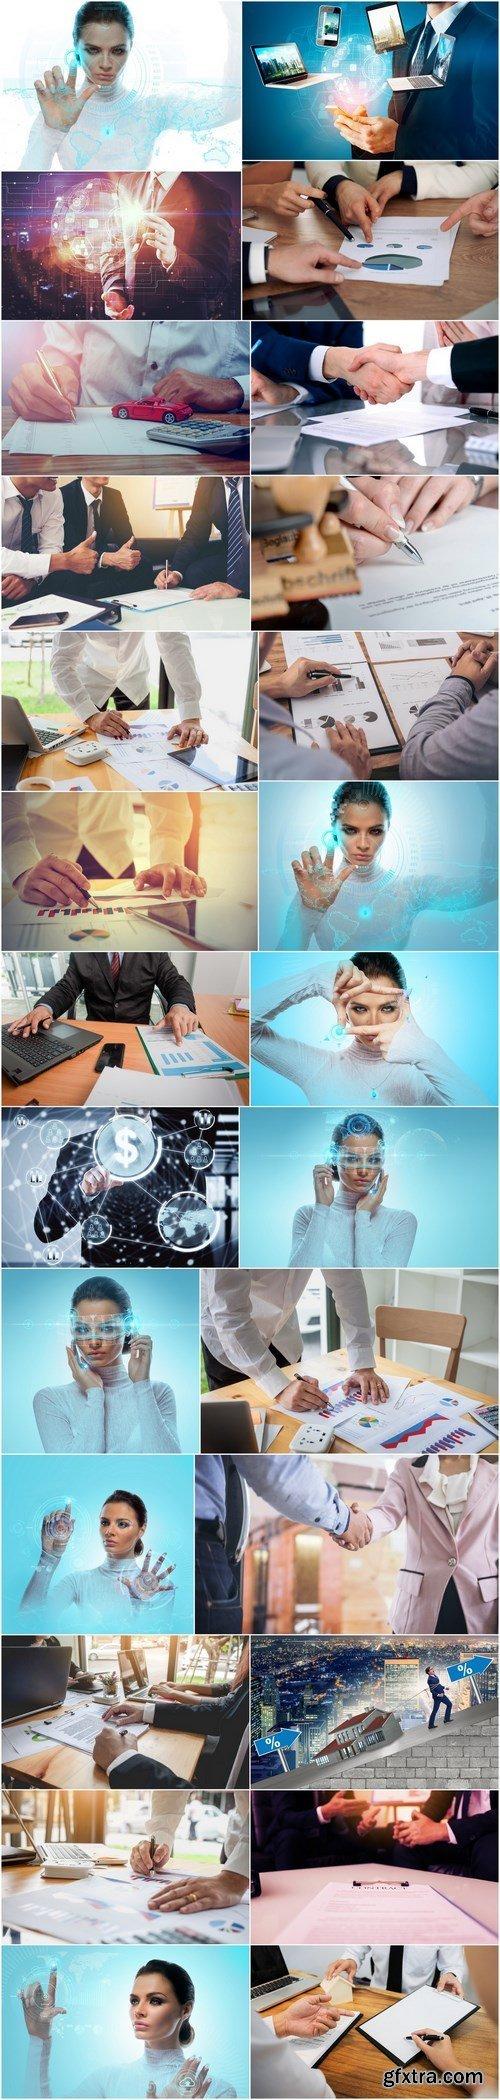 Business, work, business of technology - 26xHQ JPEG